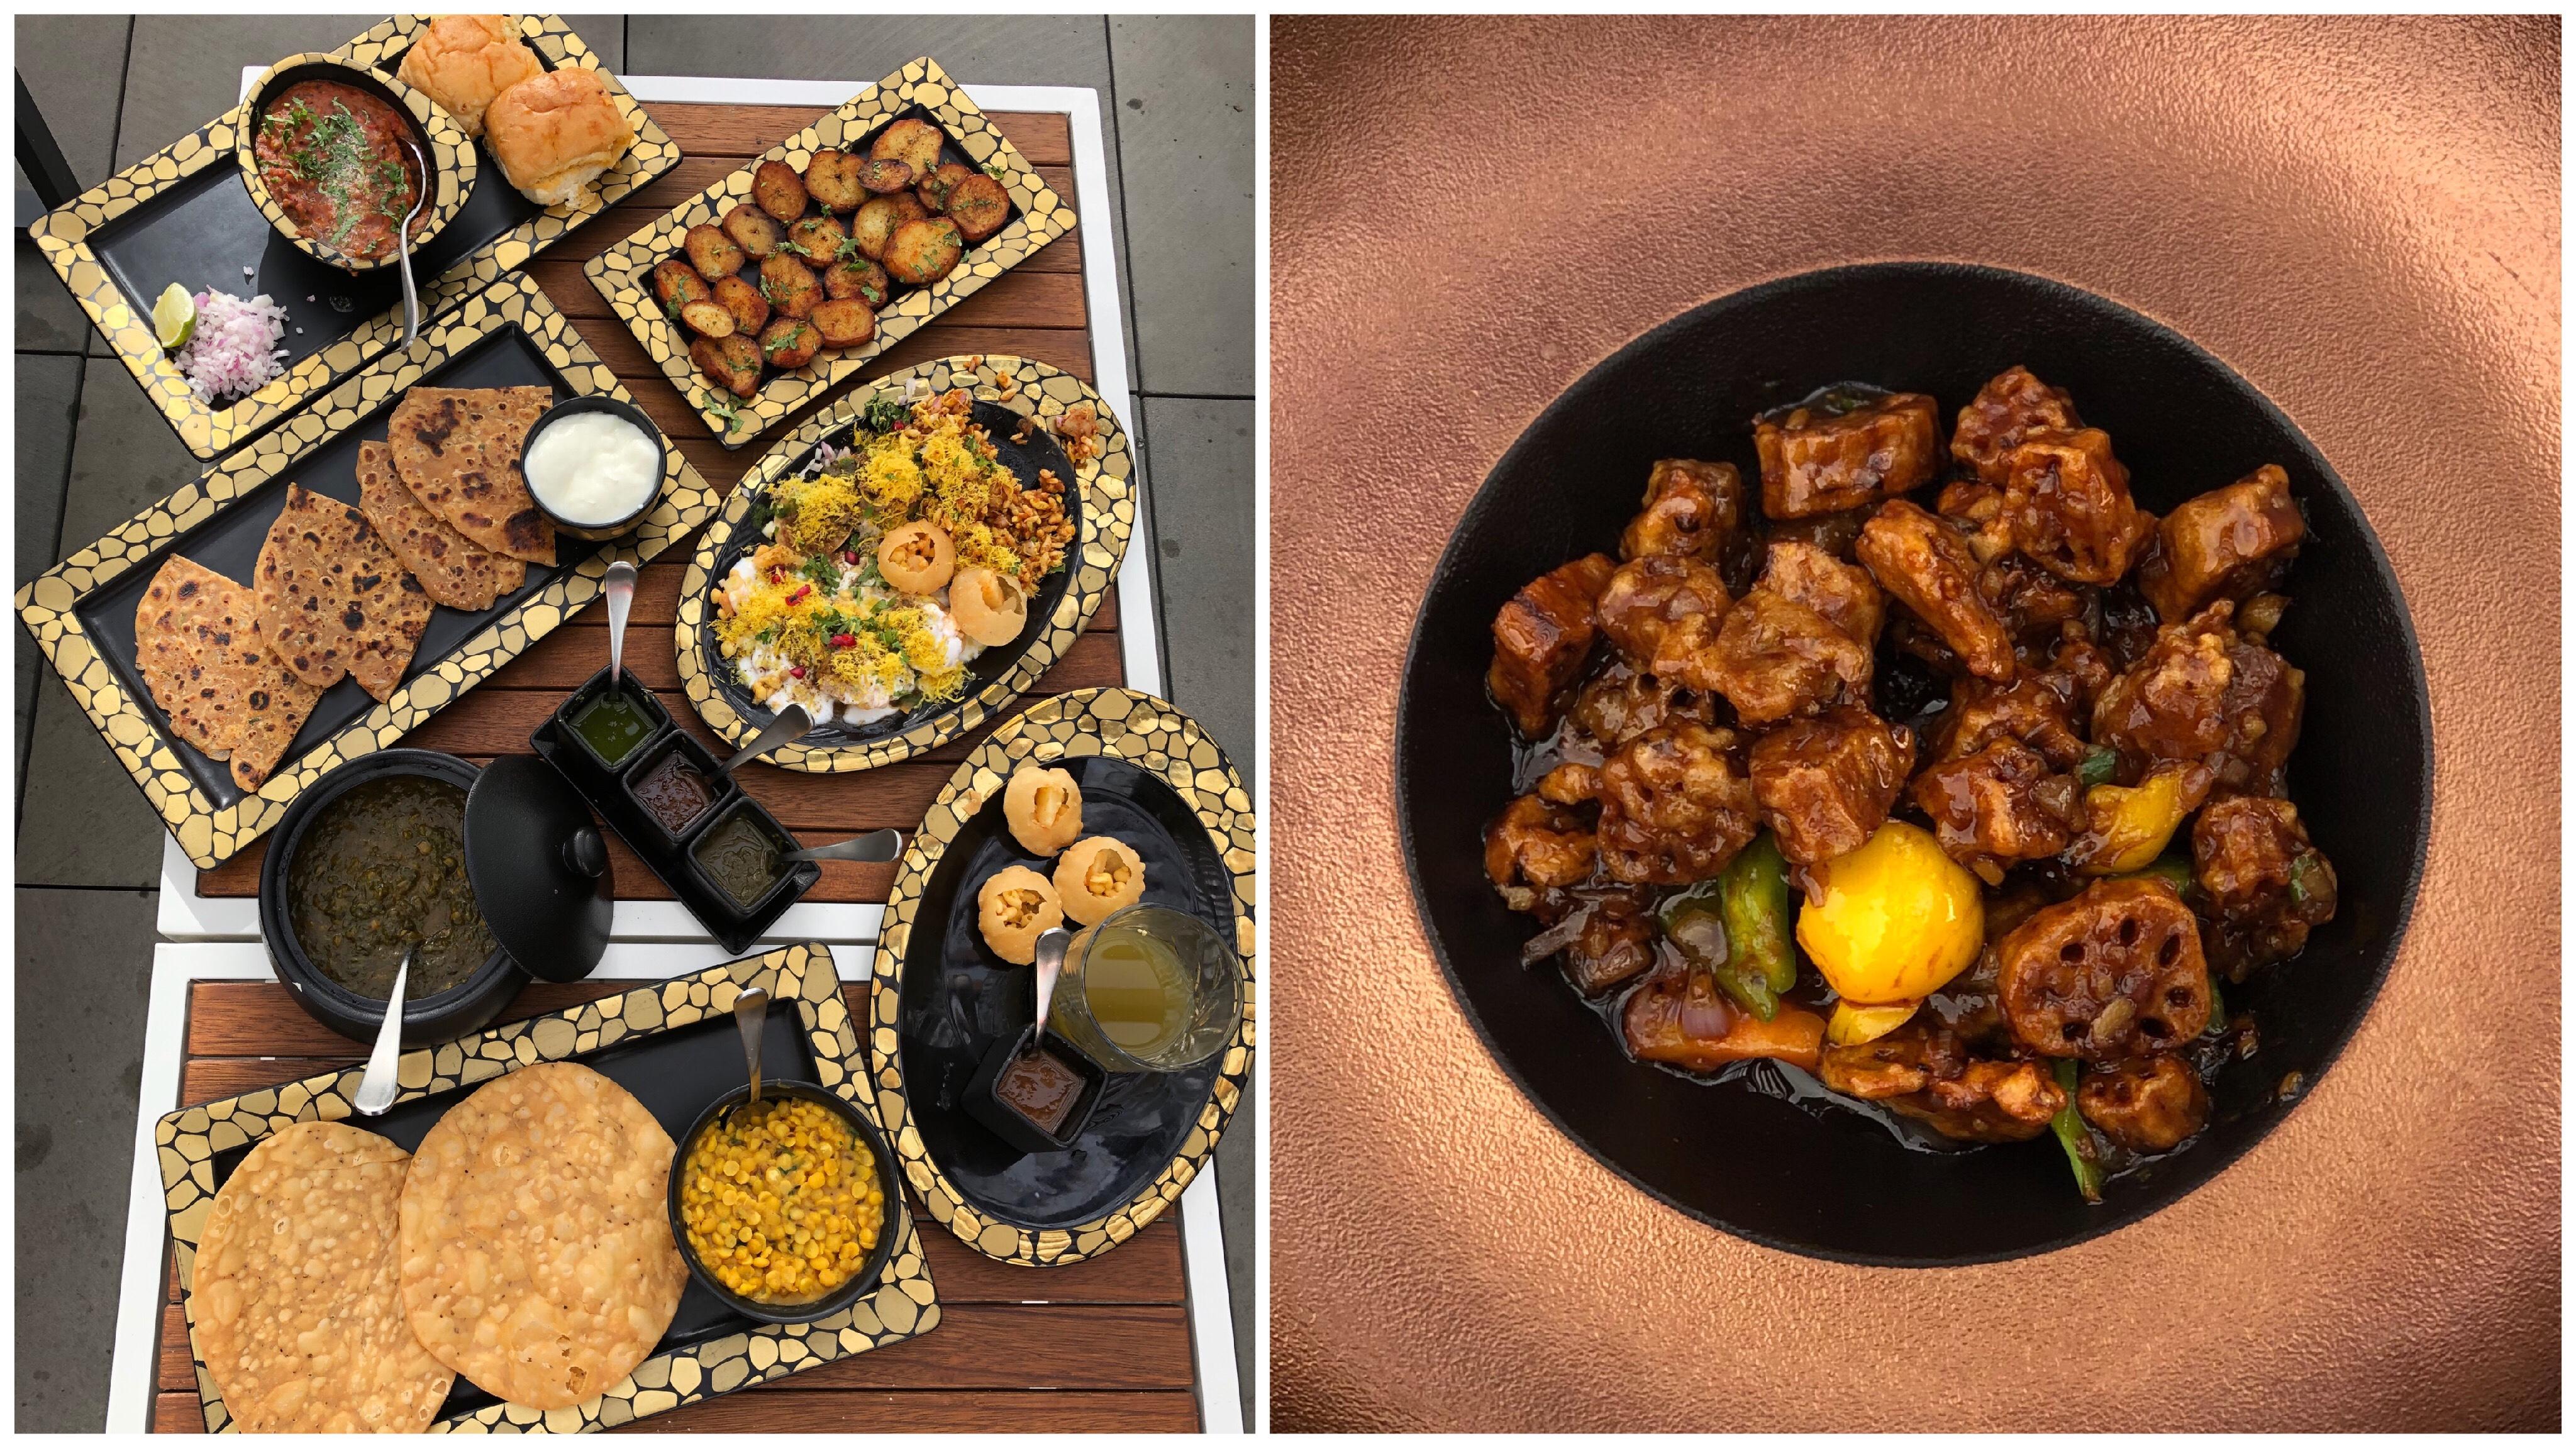 Sindhi food in Dubai